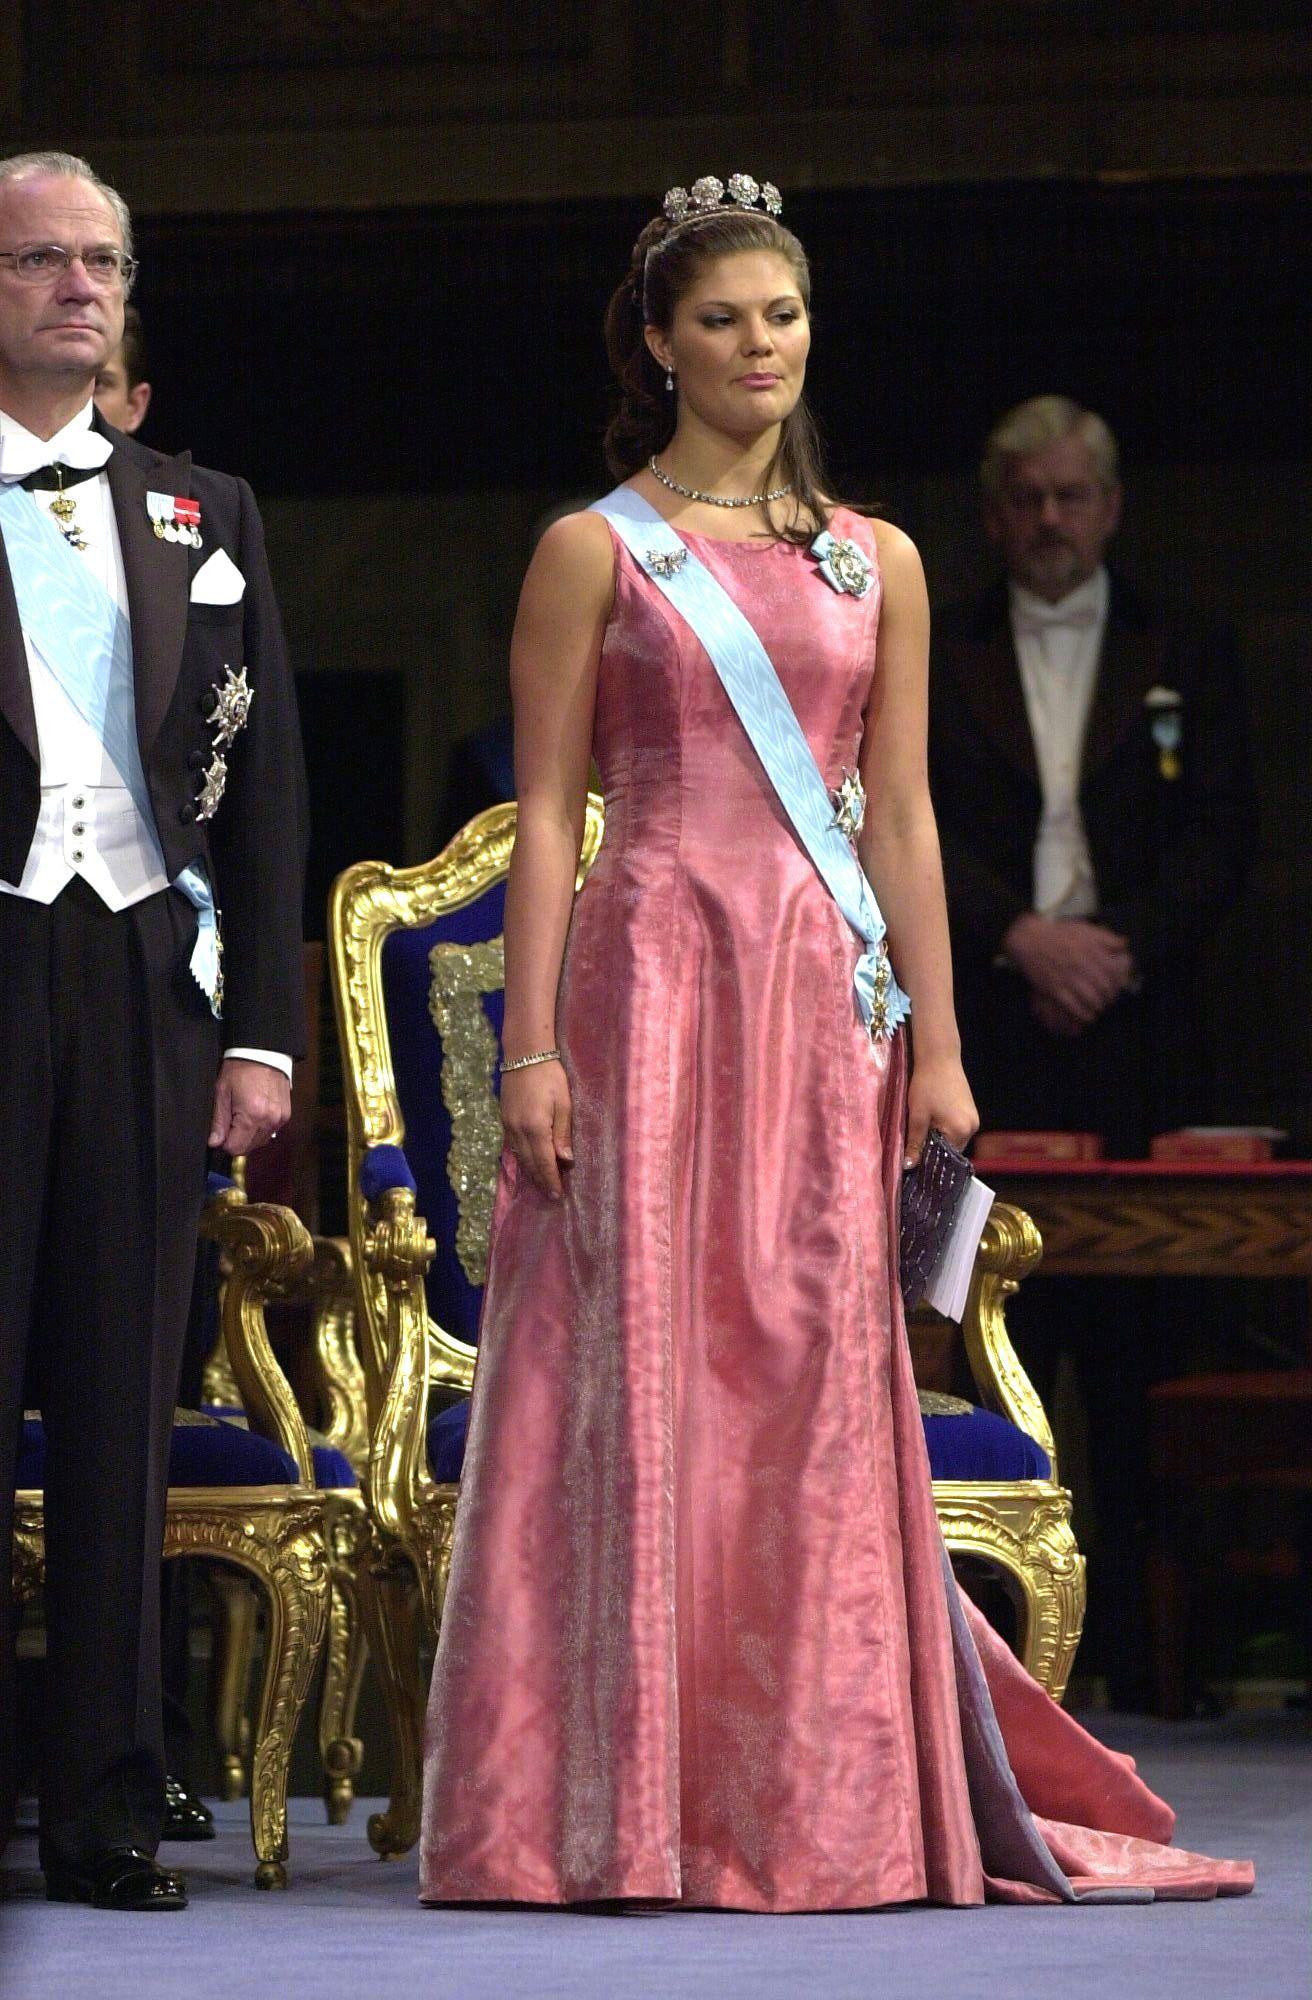 Prinzessin Victoria: Ihre Nobelpreiskleider | Prinzessin